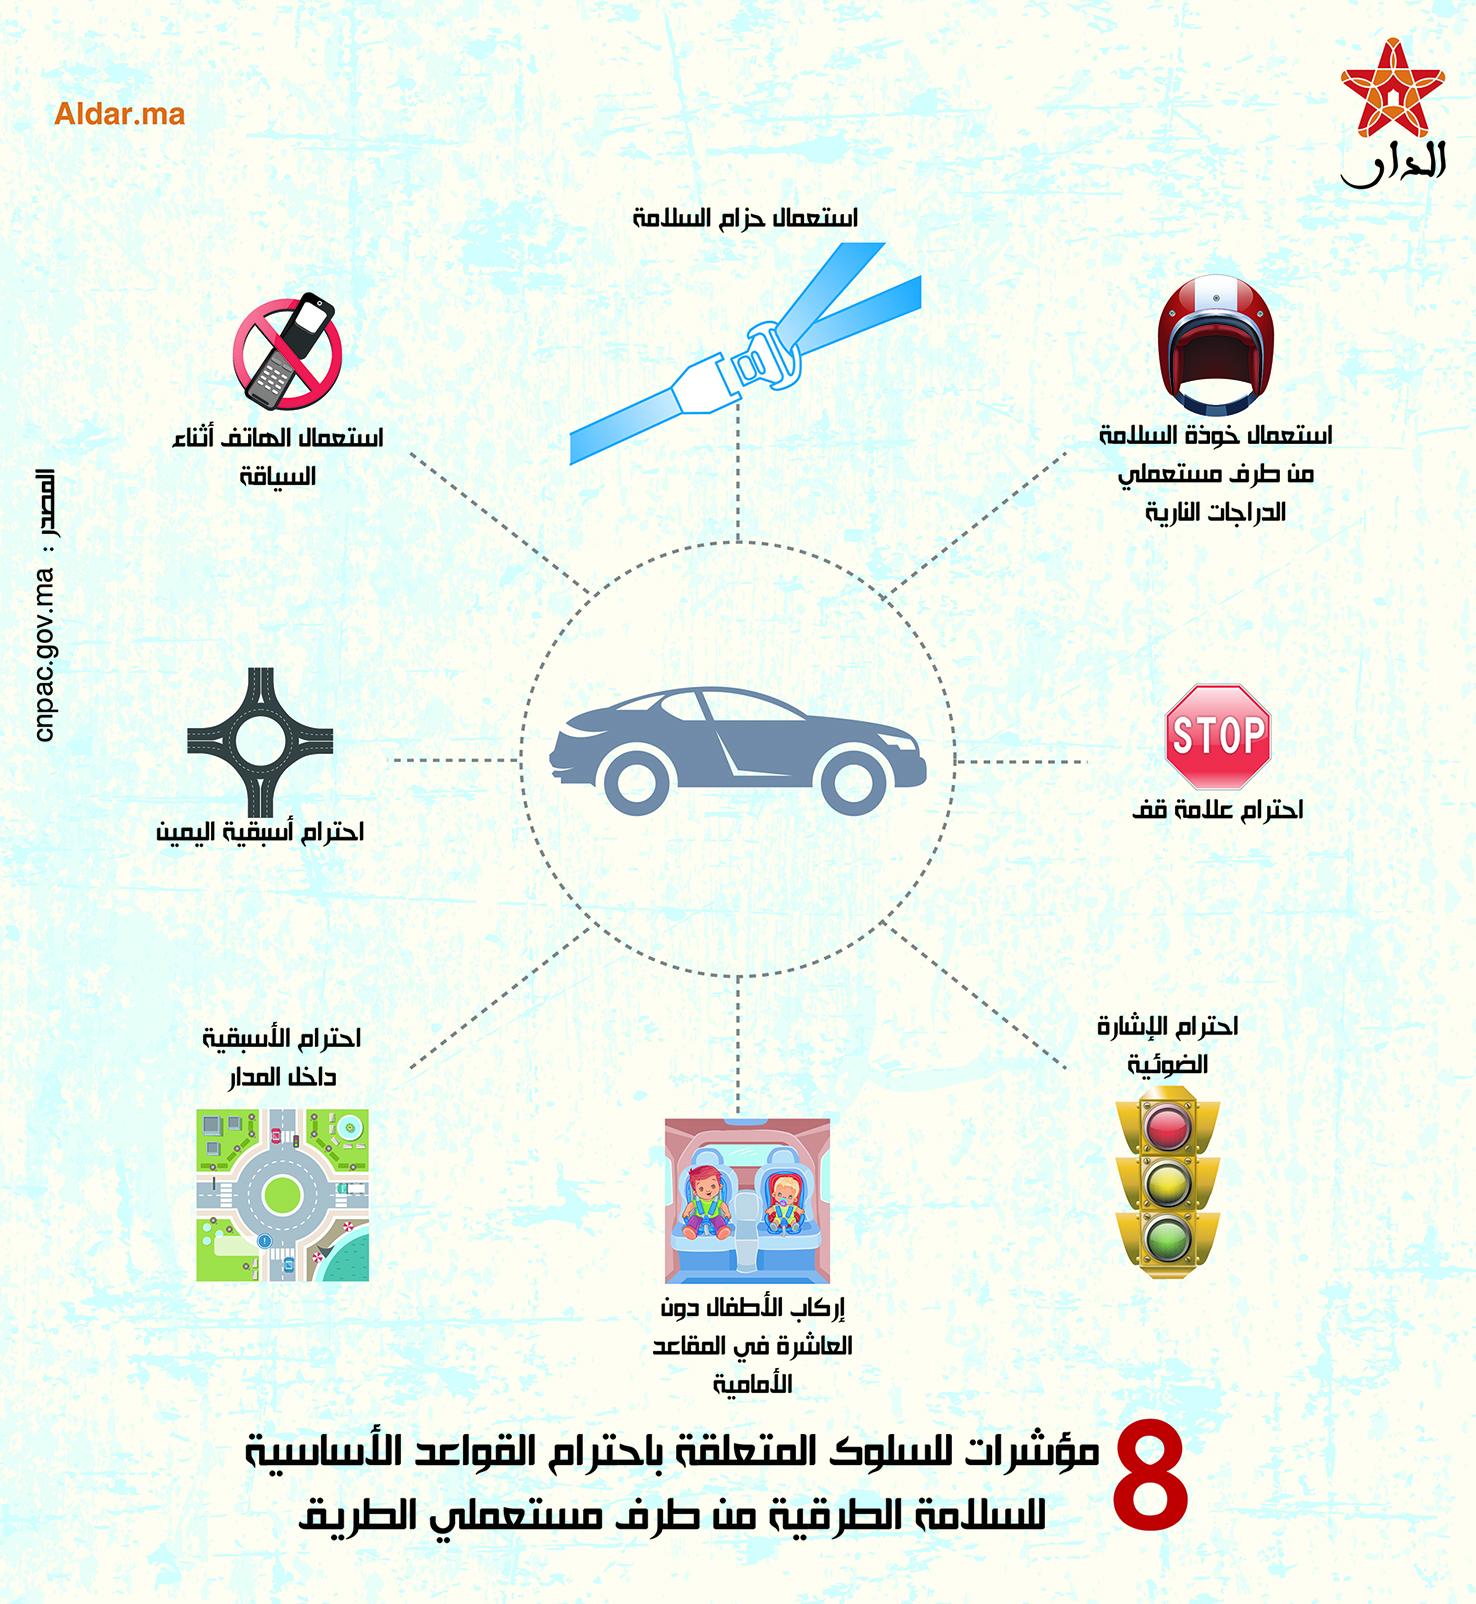 صورة 8 مؤشرات للسلوك المتعلقة باحترام القواعد الأساسية للسلامة الطرقية من طرف مستعملي الطريق